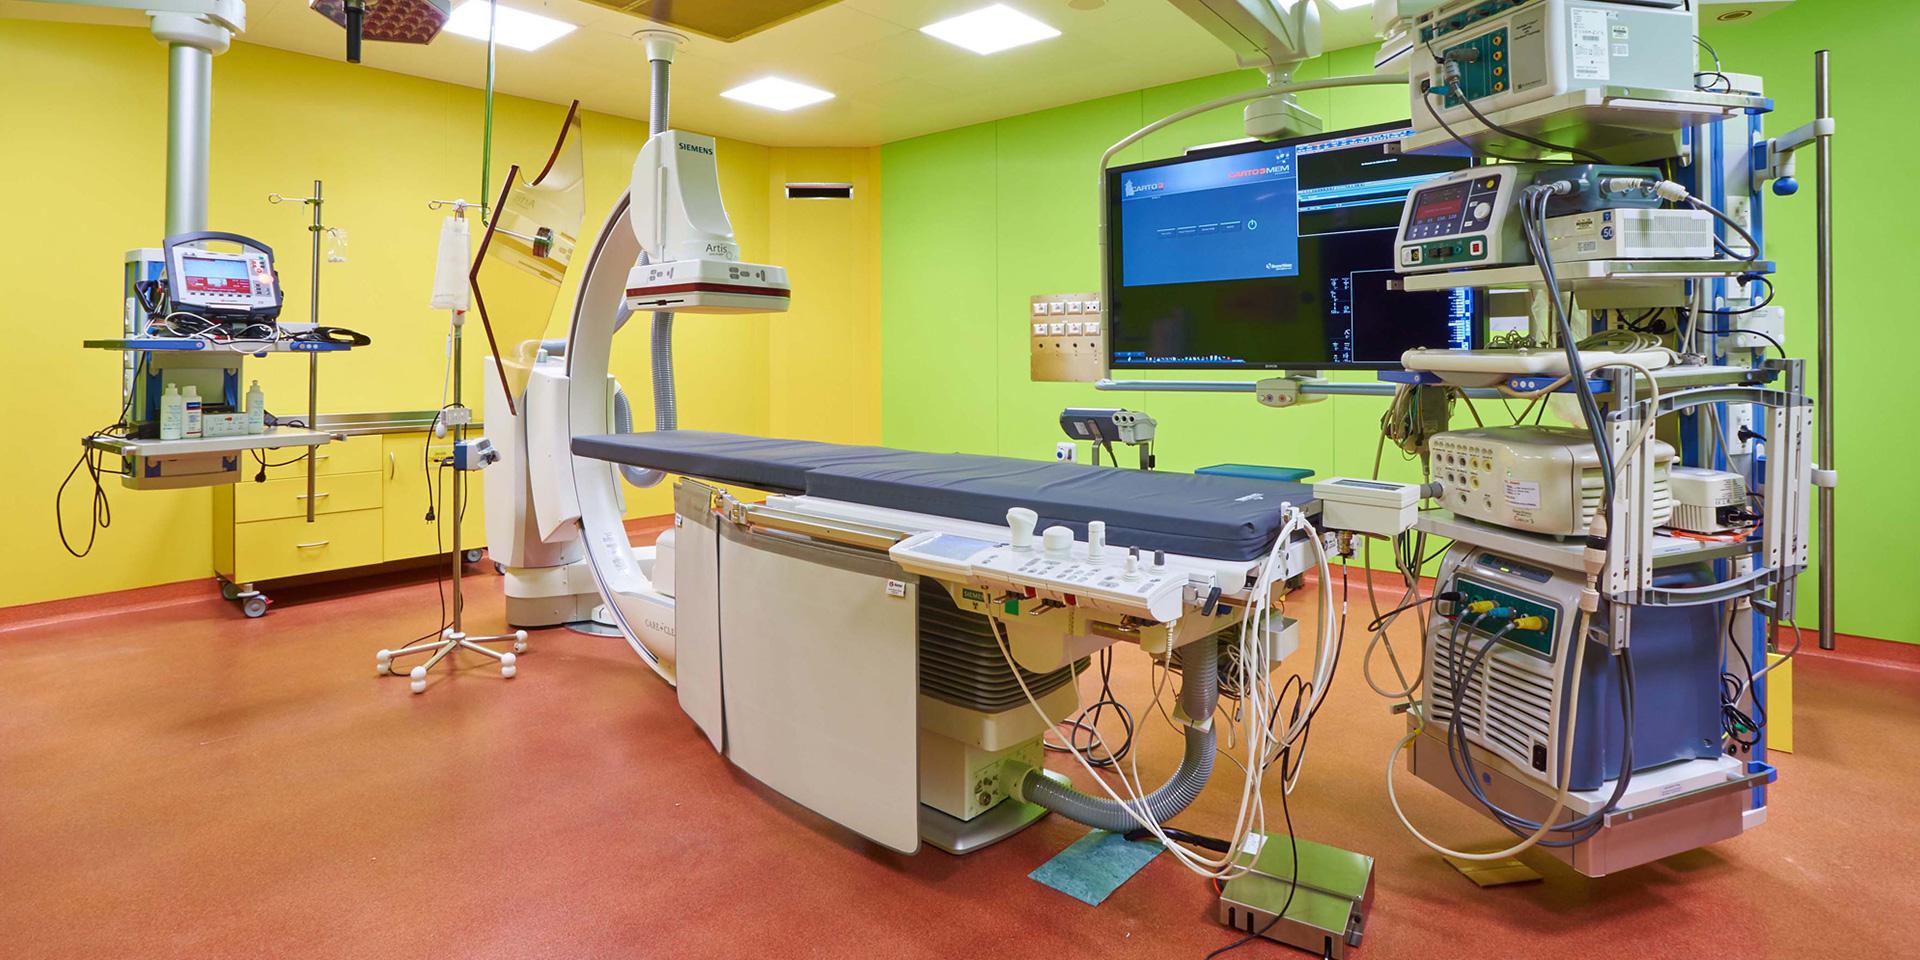 Elettrofisiologia ed Emodinamica IRCCS Policlinico San Donato, Binini Partners, Società di architettura e ingegneria